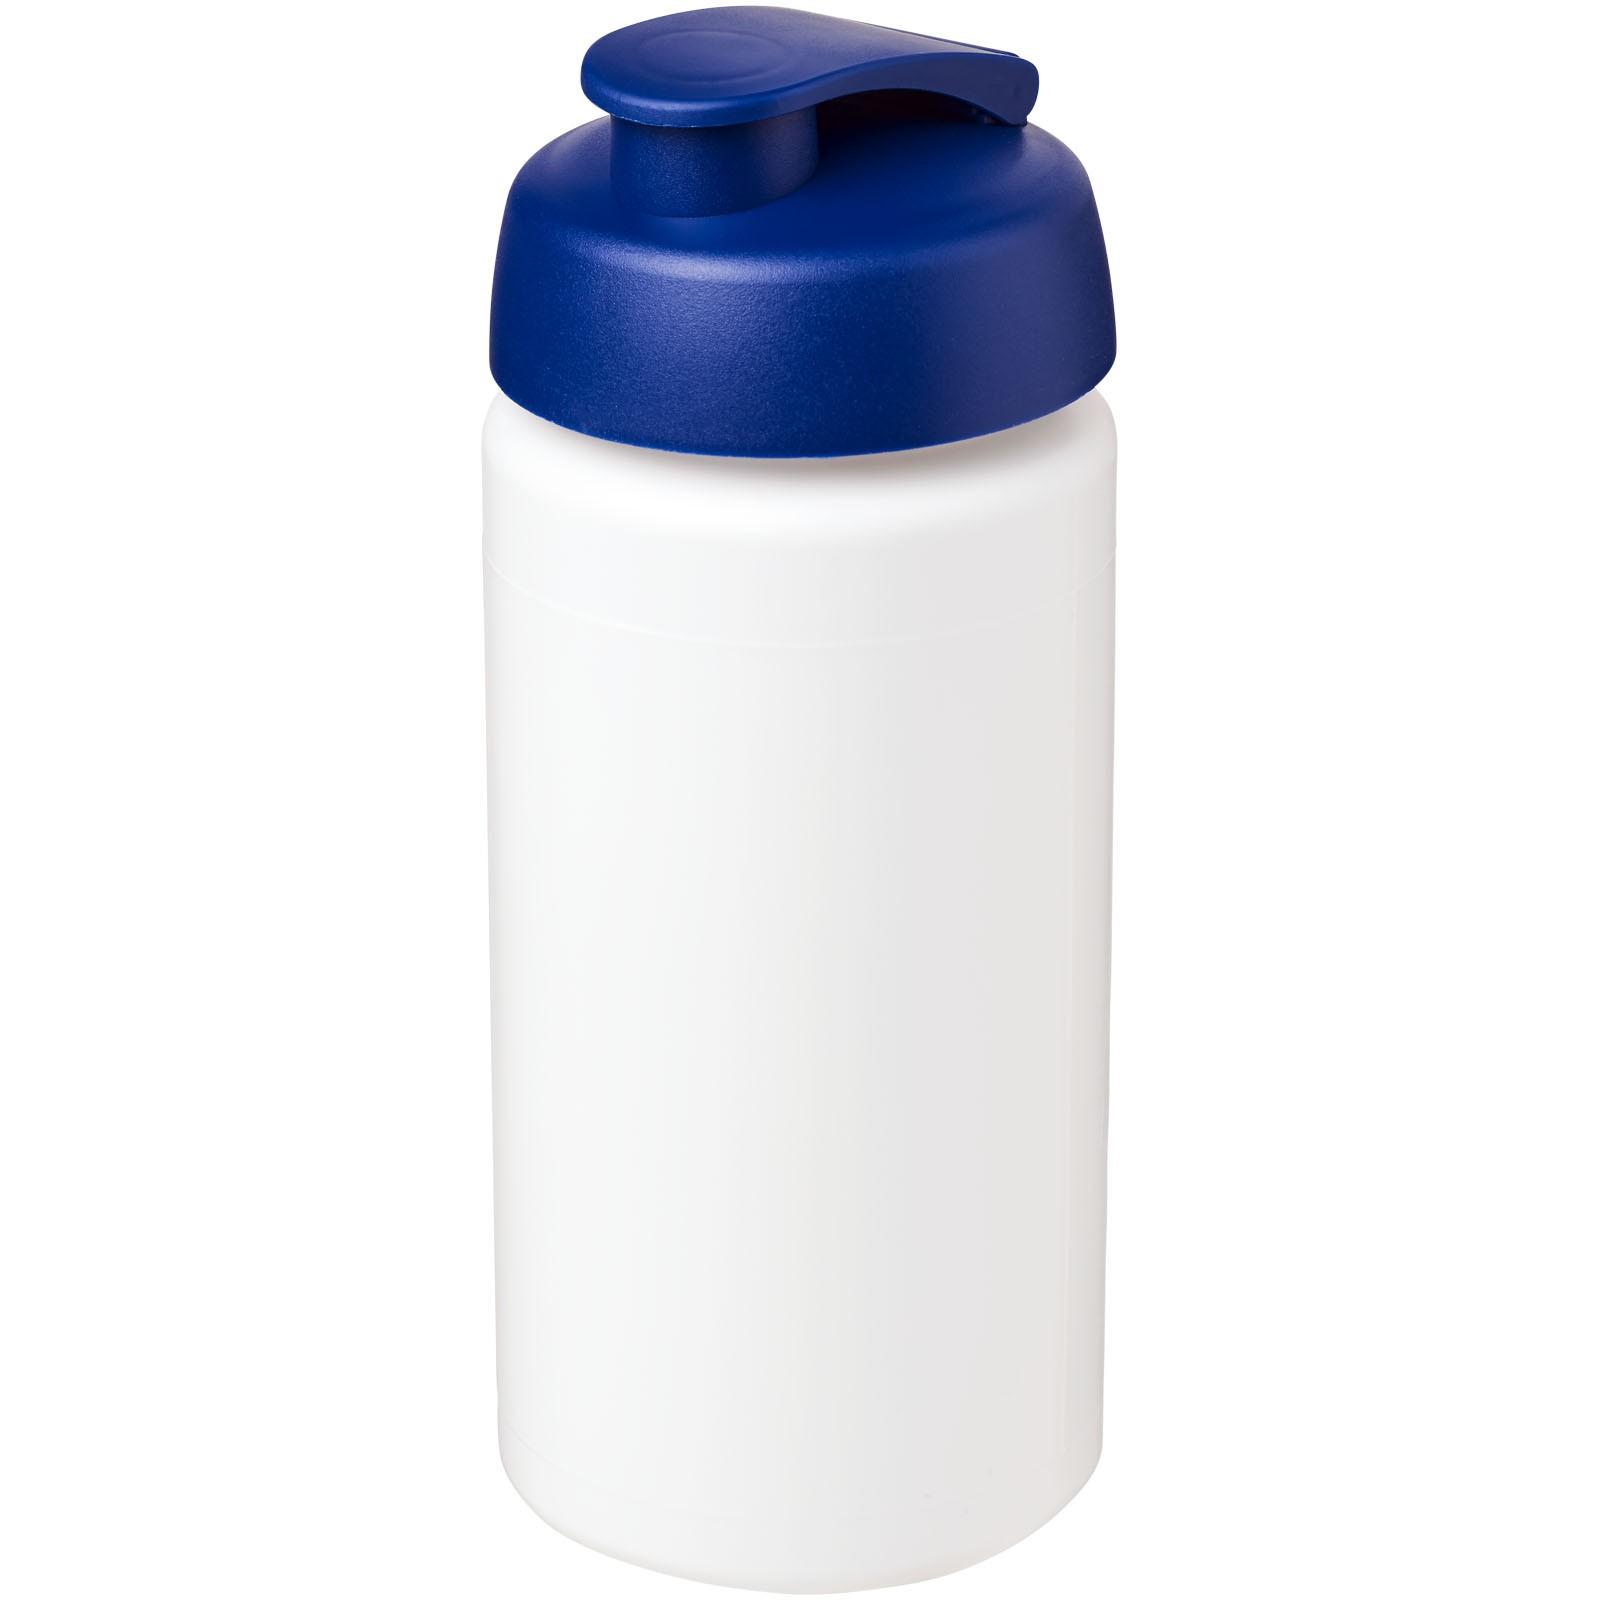 Sportovní láhev s vyklápěcím víčkem Baseline® Plus grip 500 ml - Bílá / Modrá